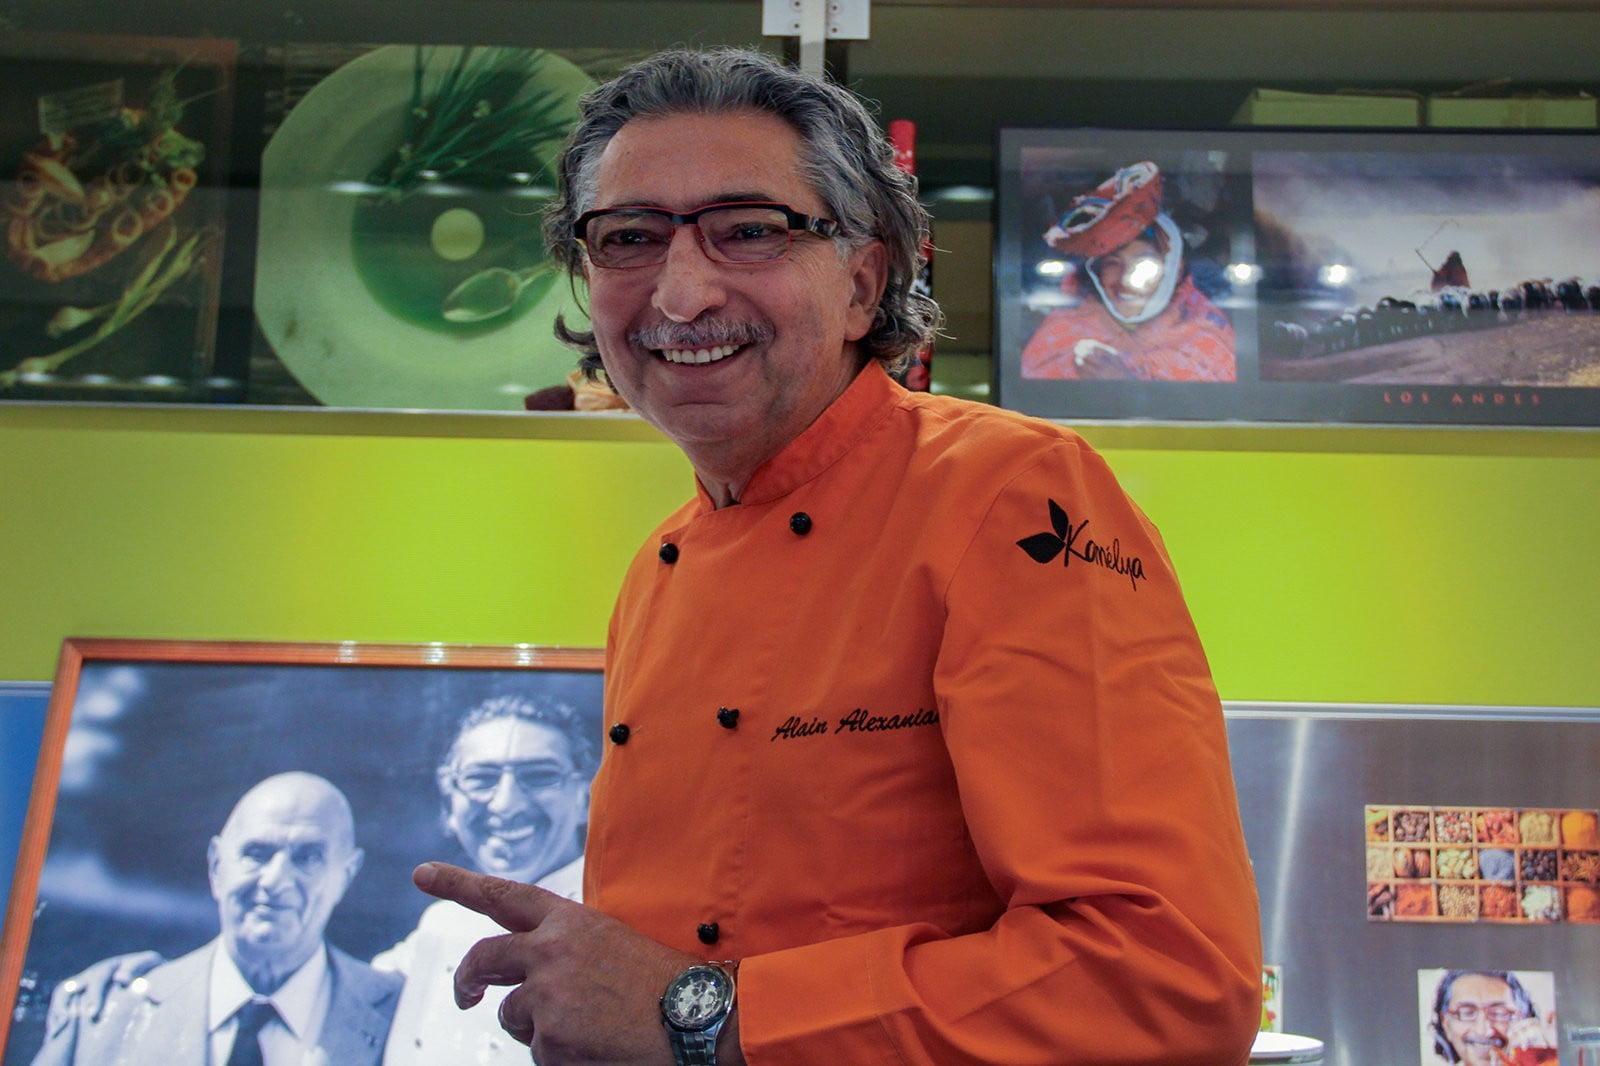 Ֆրանսիացի հայտնի խոհարարներն Արցախում վարպետաց դասեր կանցկացնեն